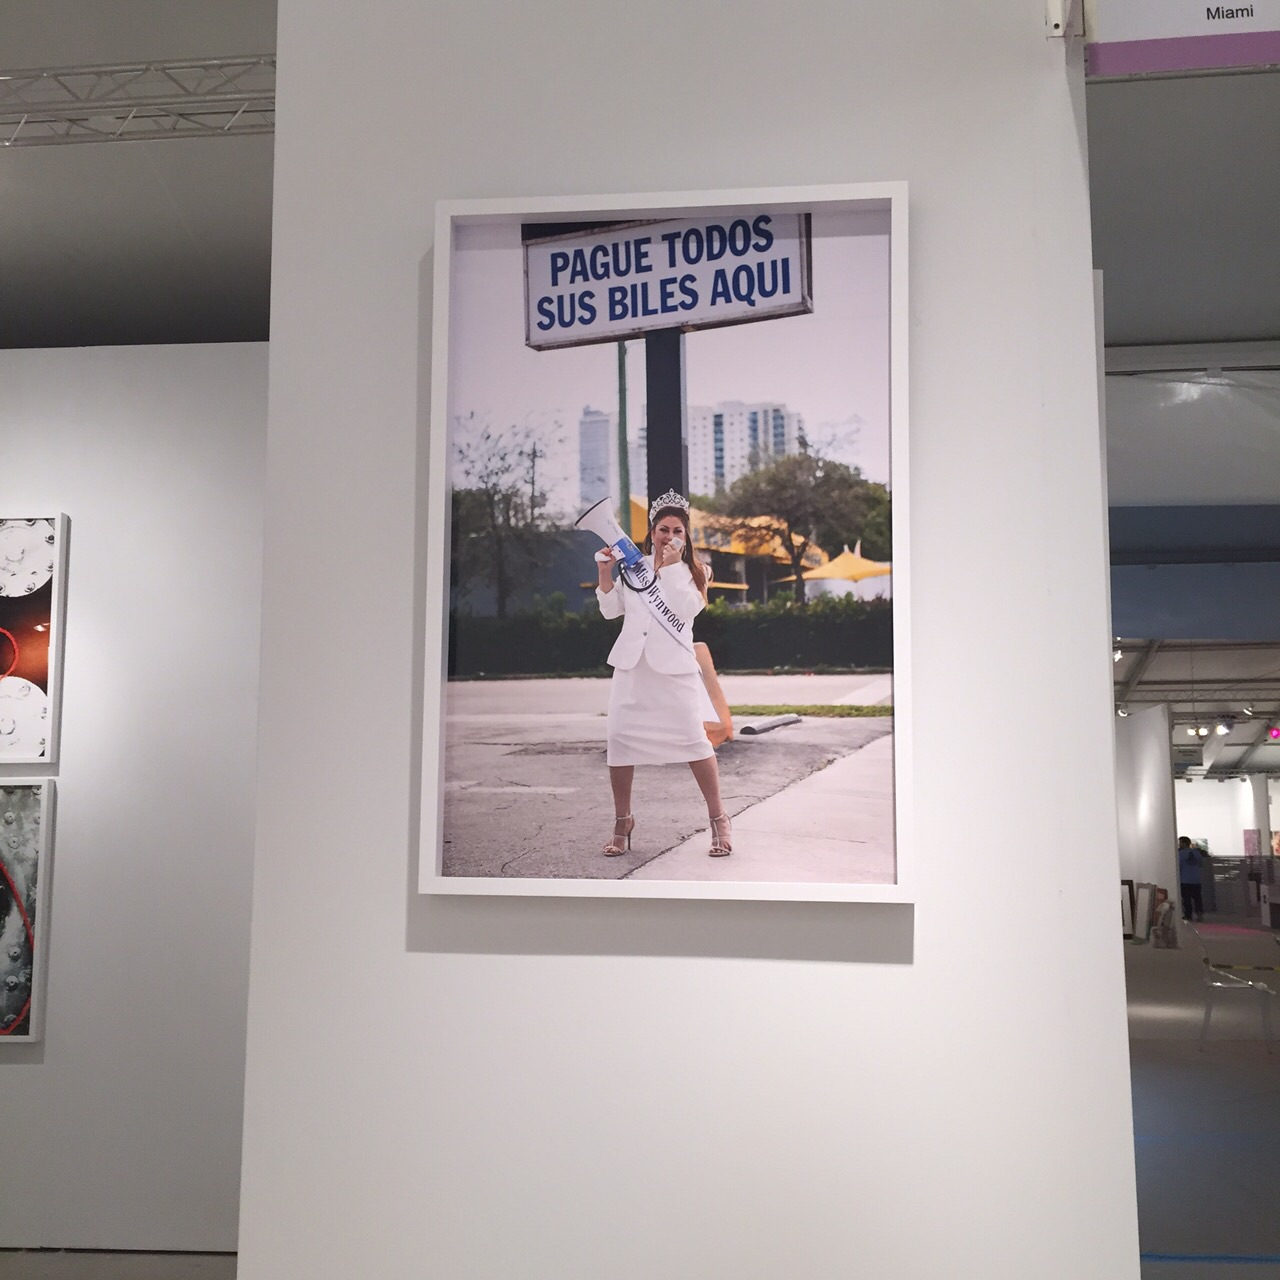 nina-dotti-art-fairs-biennials-art-wynwood-miss-wynwood-4.jpg